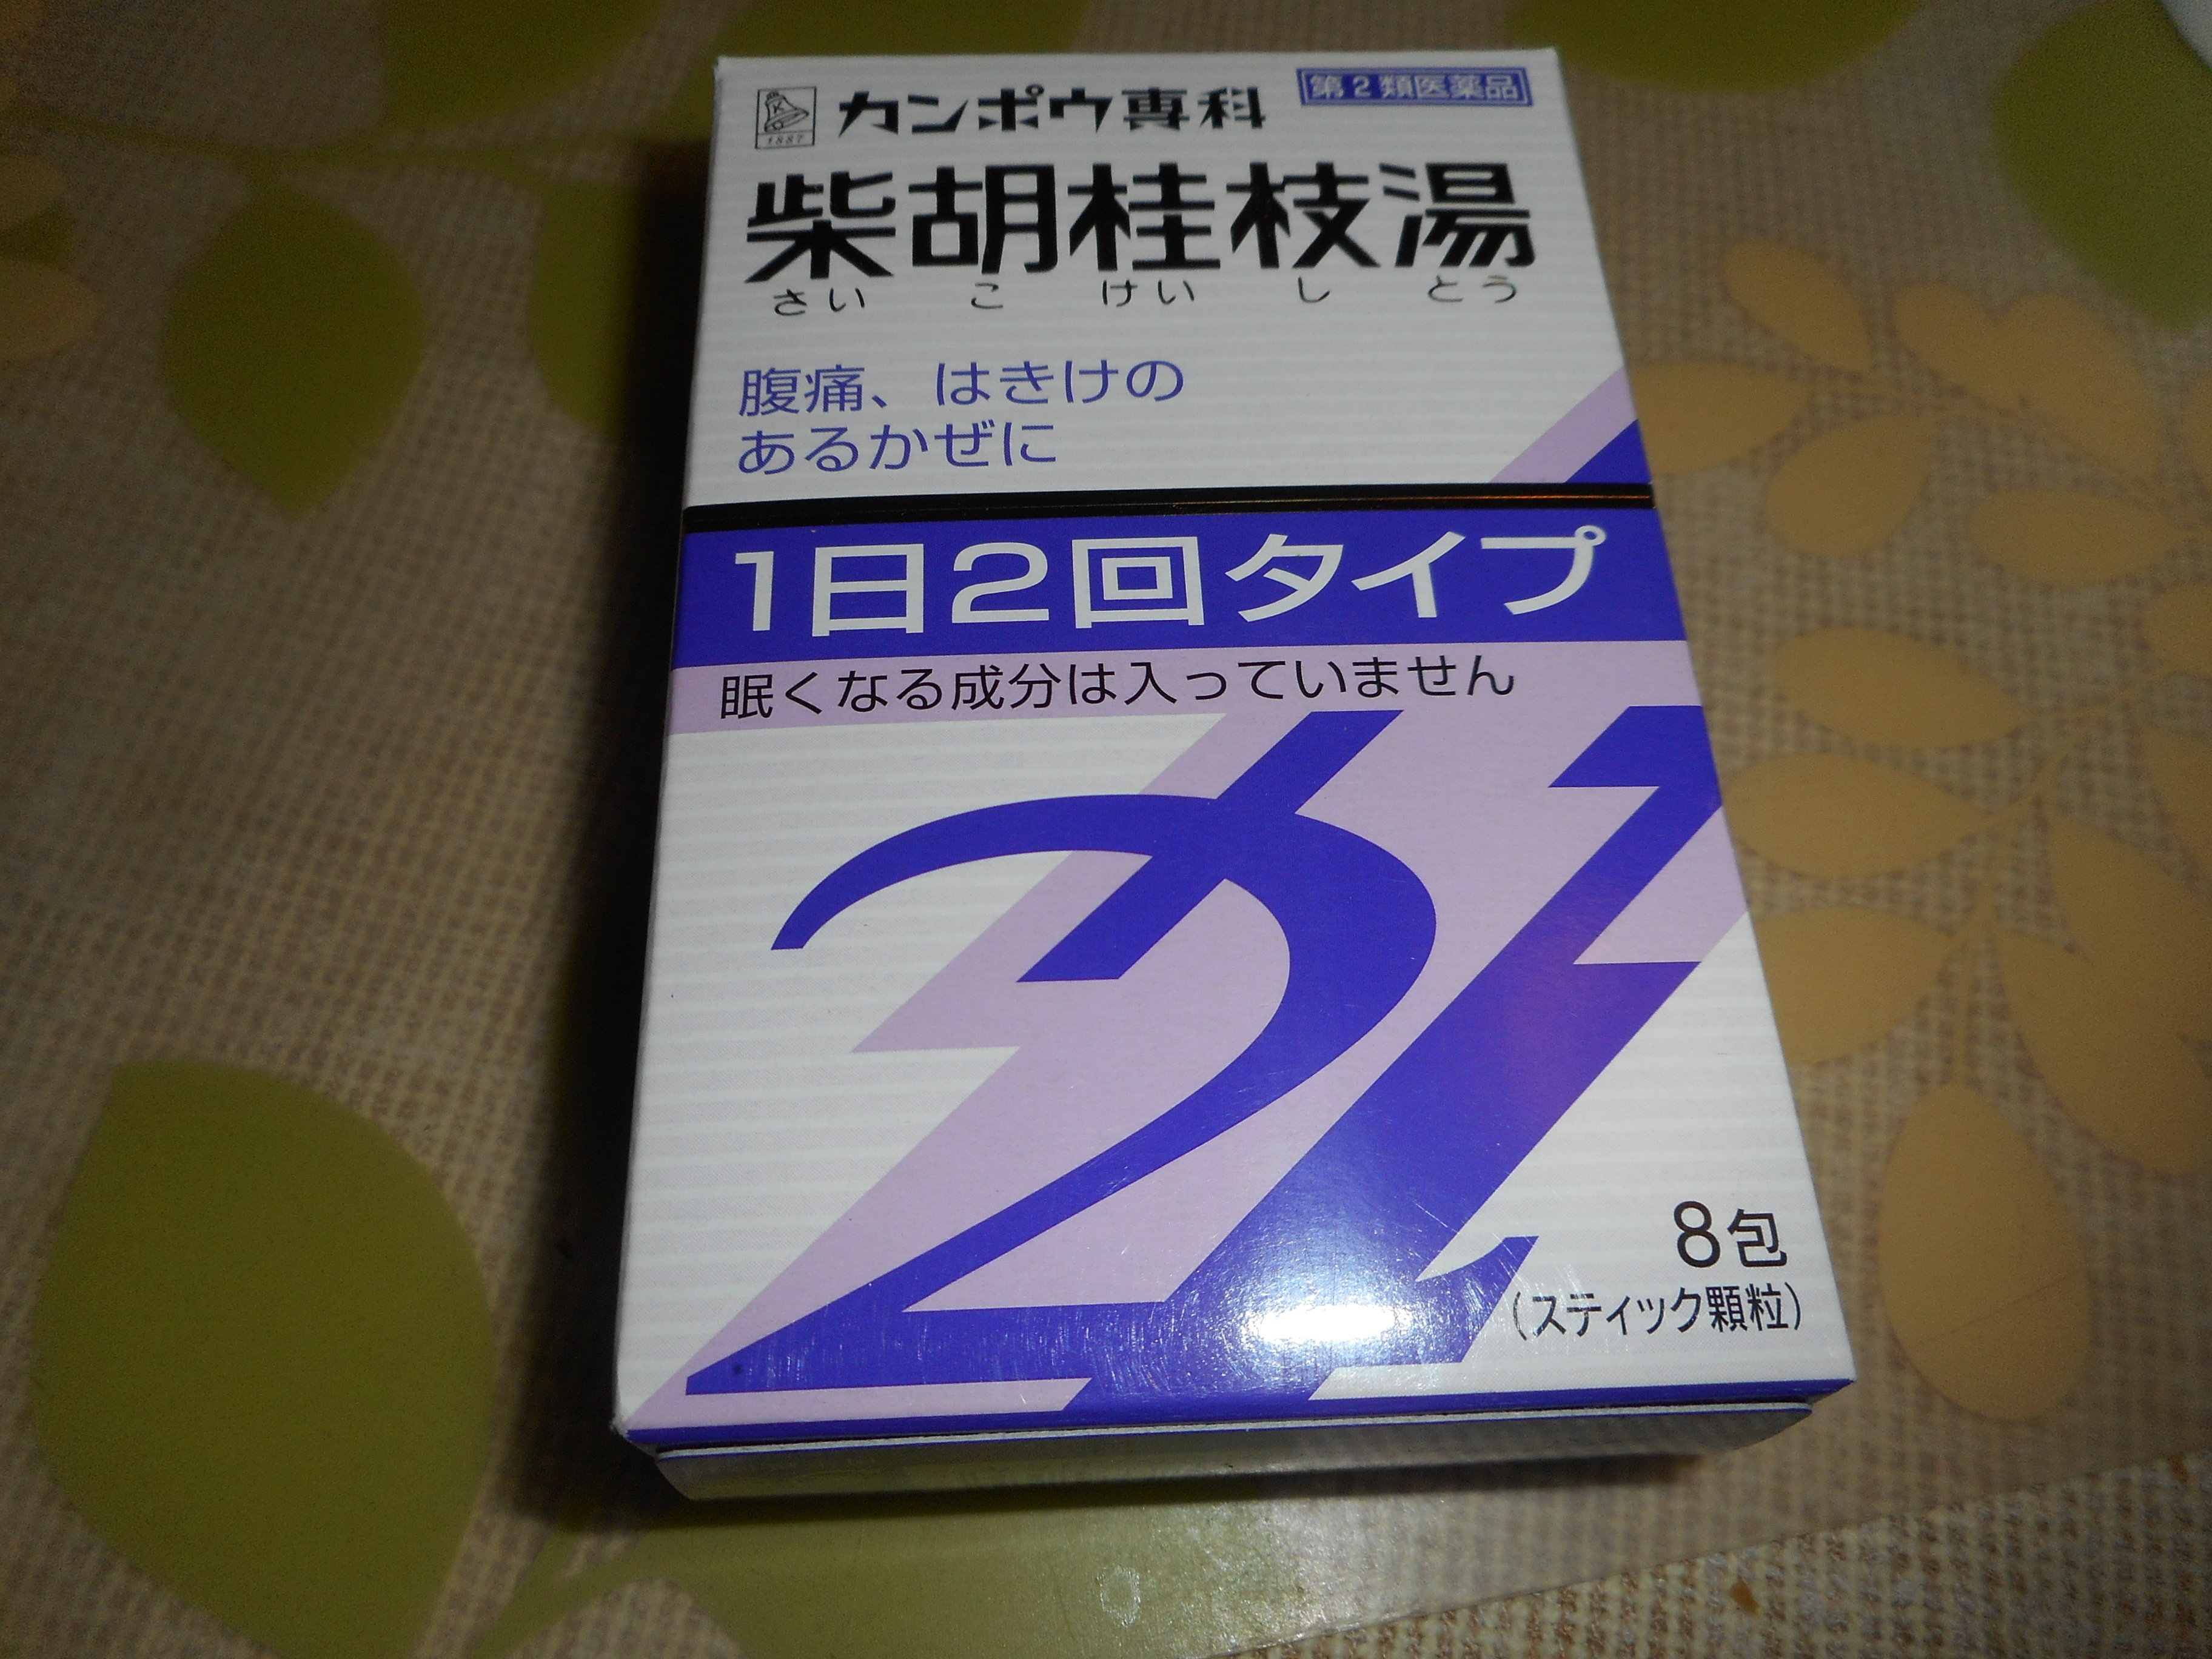 DSCN4826.jpg